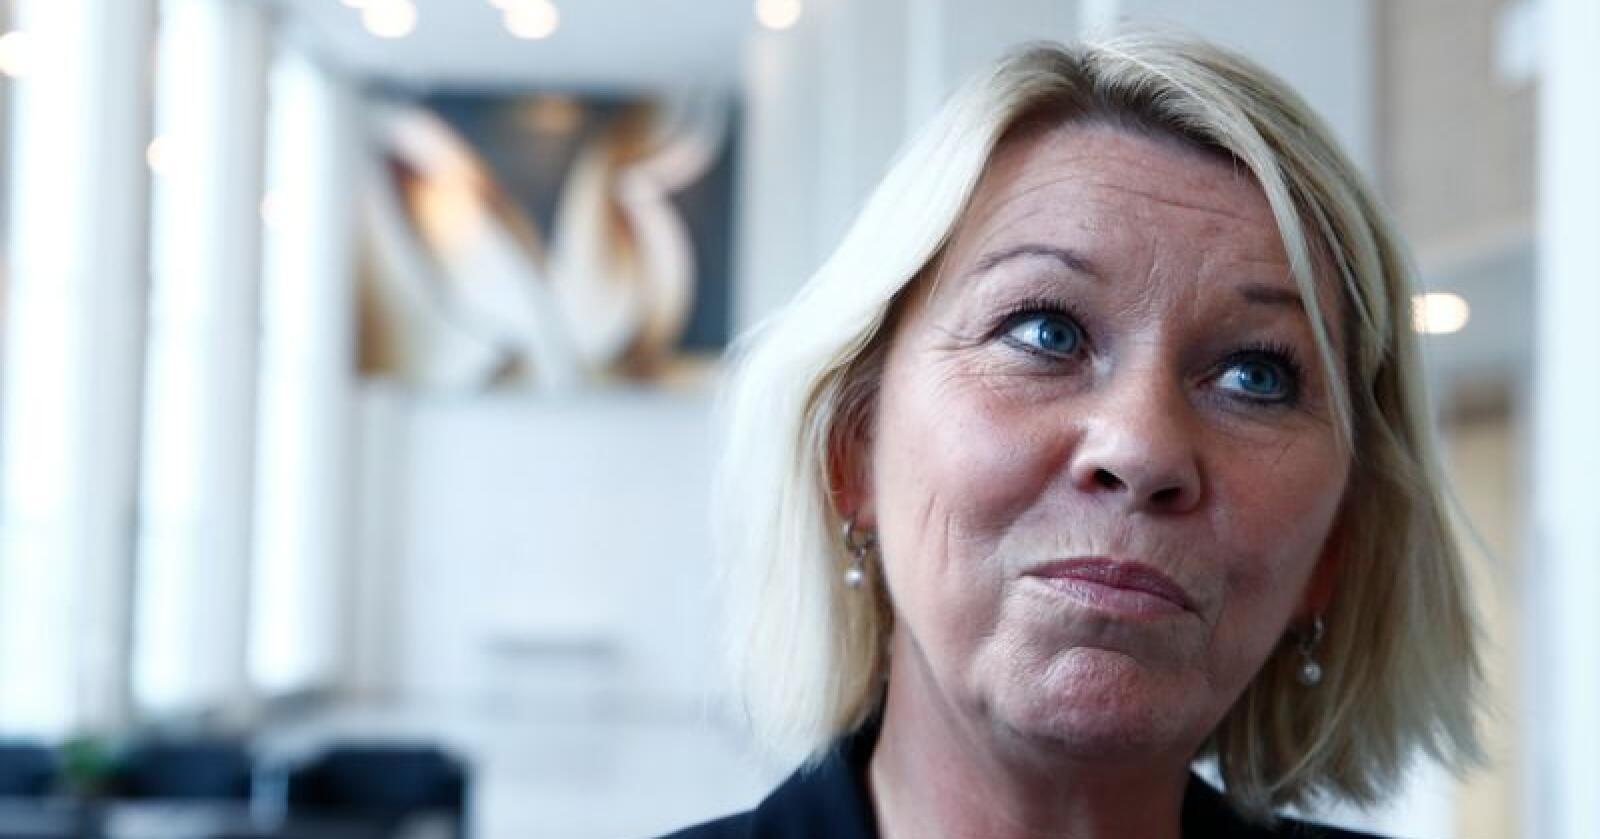 Kommunal- og moderniseringsminister Monica Mæland la fram en ny stortingsmelding om distriktspolitikk fredag. Foto: Terje Pedersen / NTB scanpix